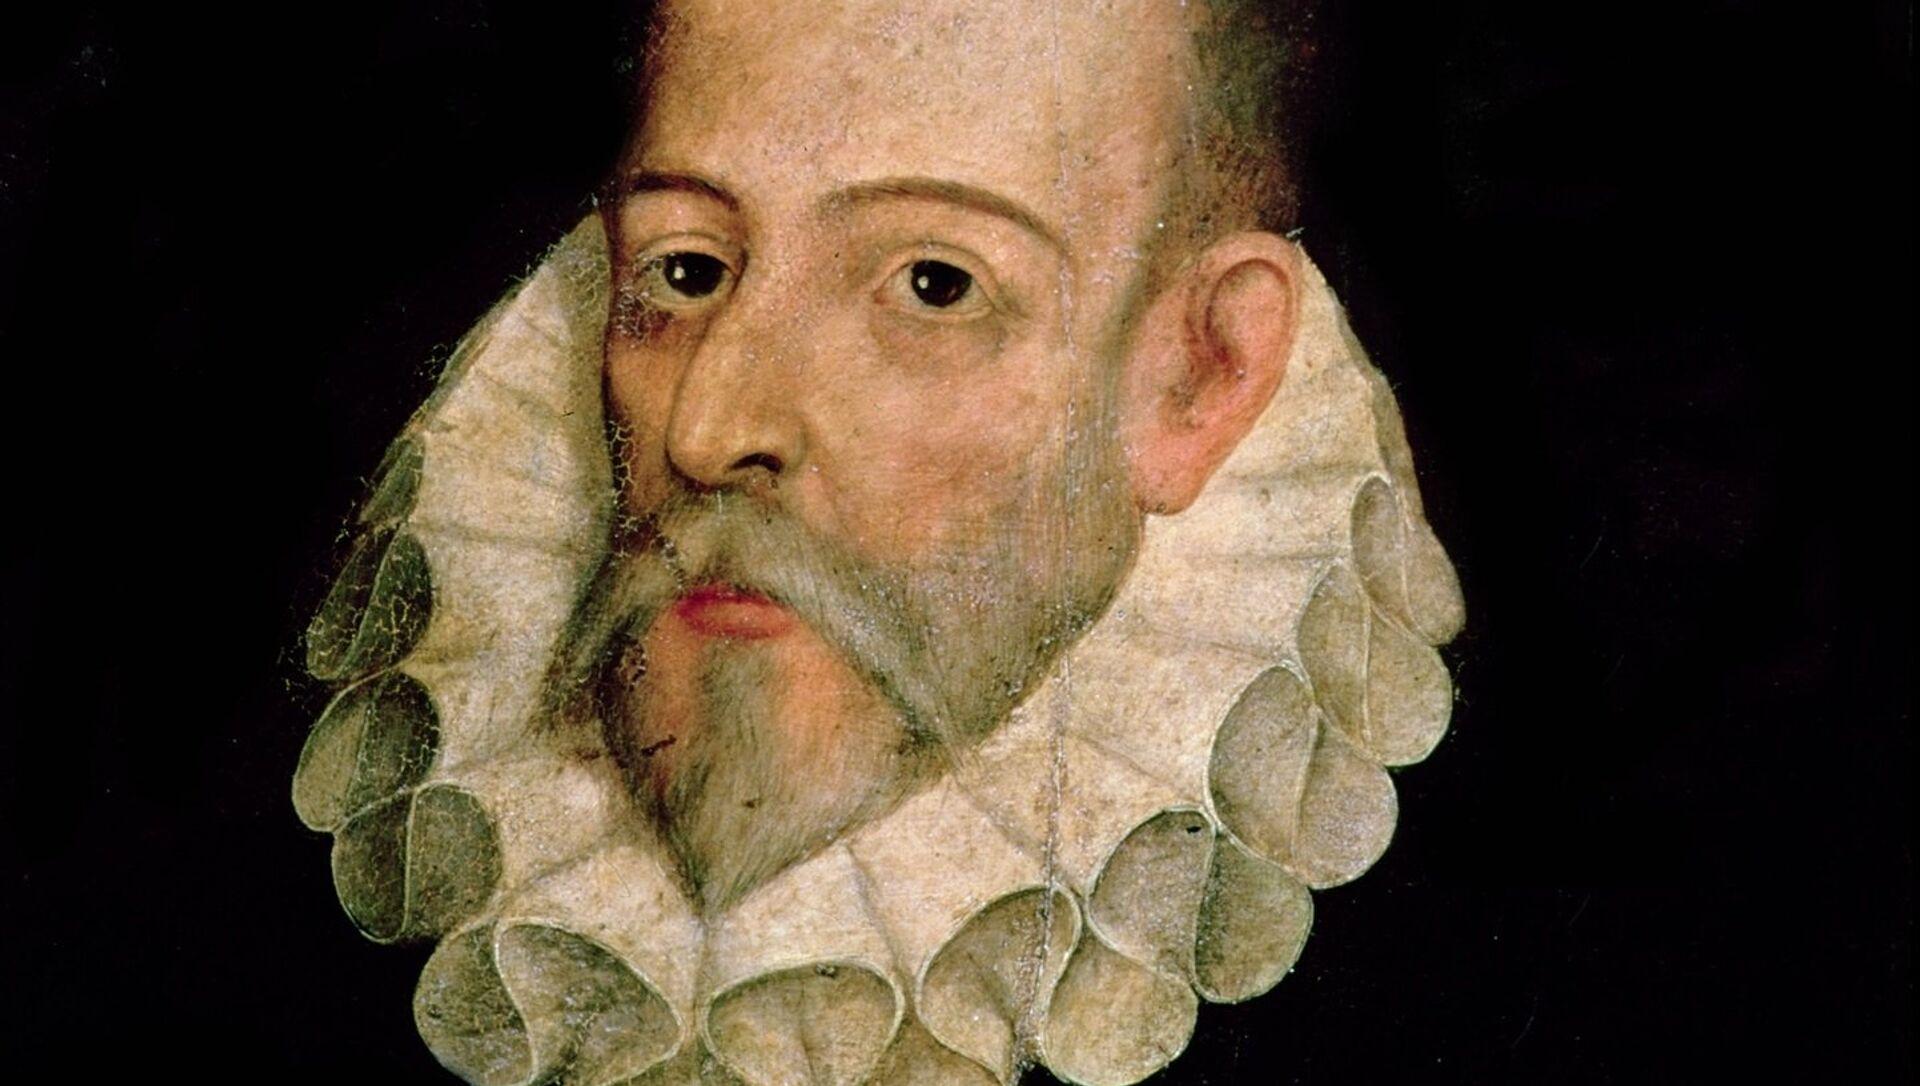 Cervantes Y Shakespeare Cuatro Siglos Recorriendo Los Laberintos Del Alma 27 04 2016 Sputnik Mundo